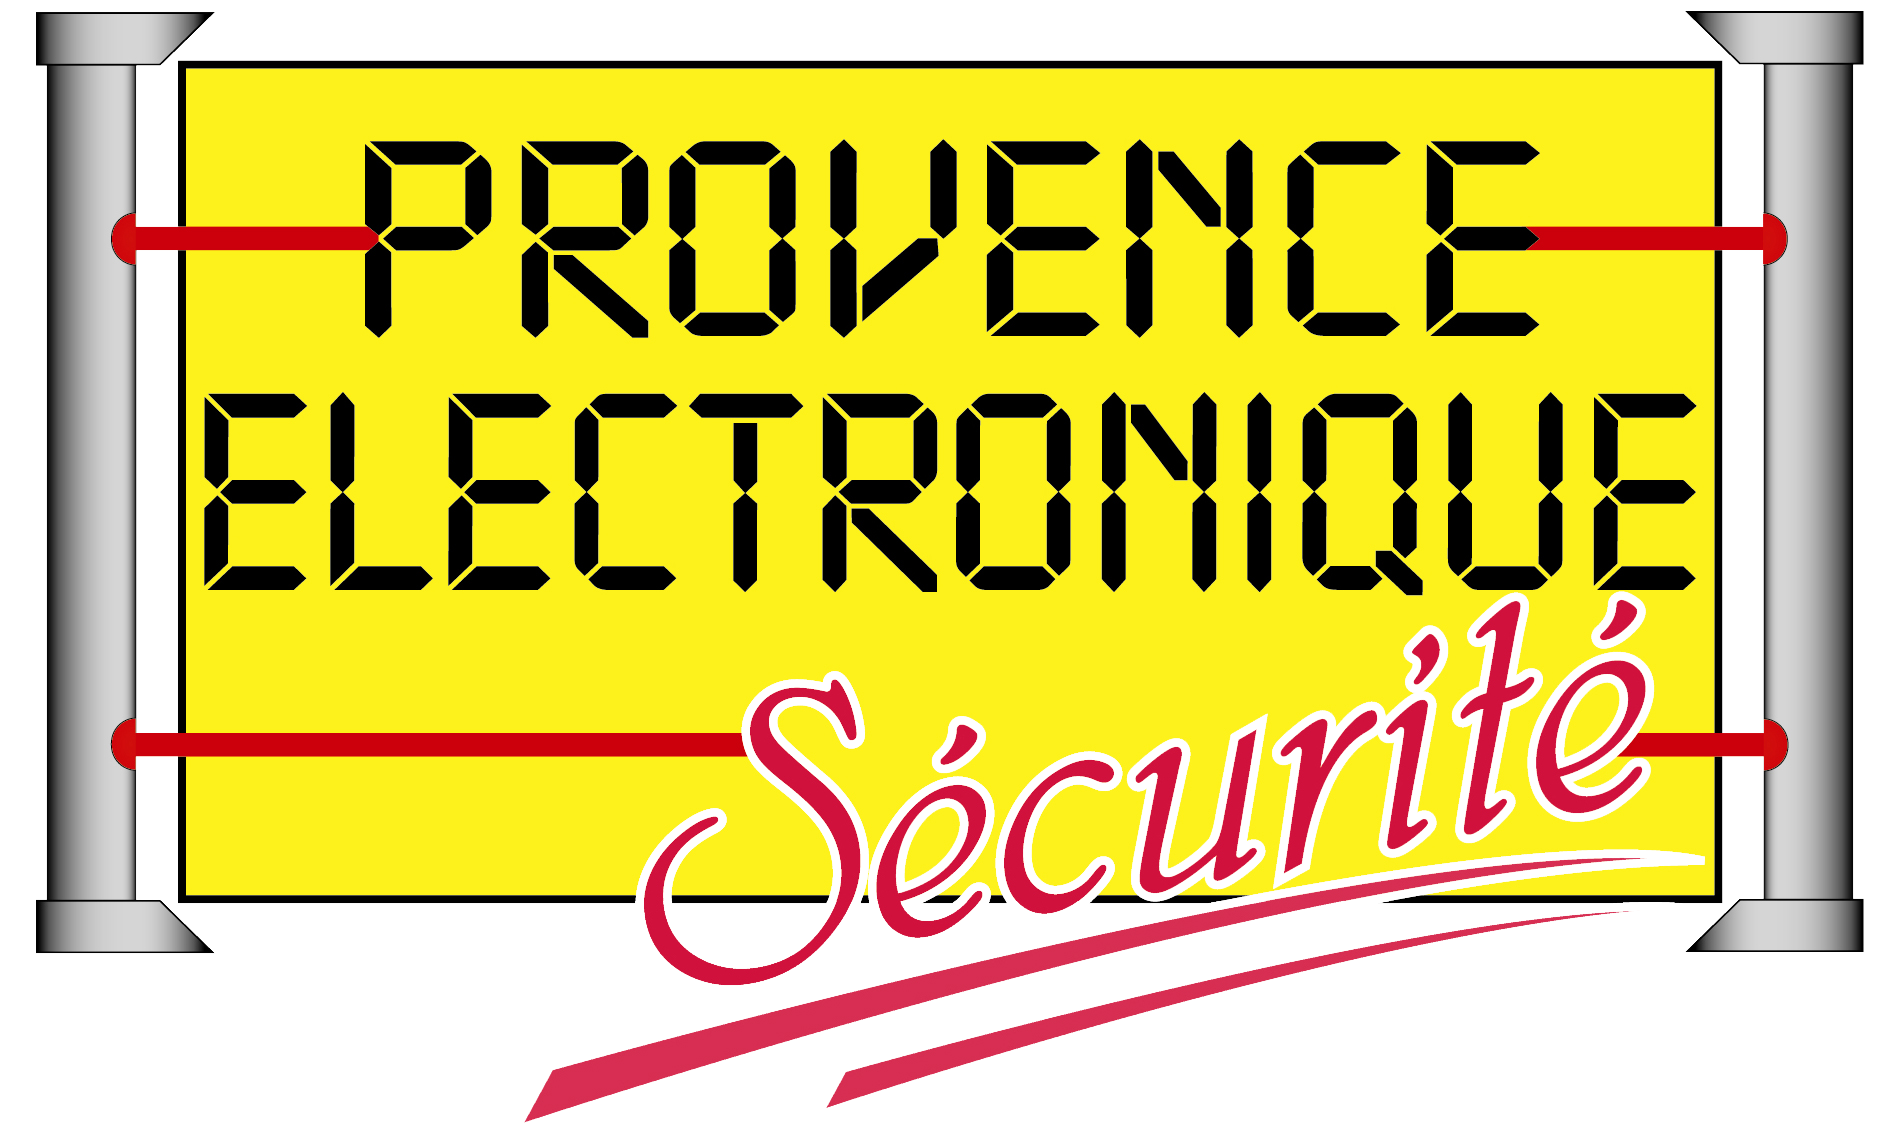 Provence électronique